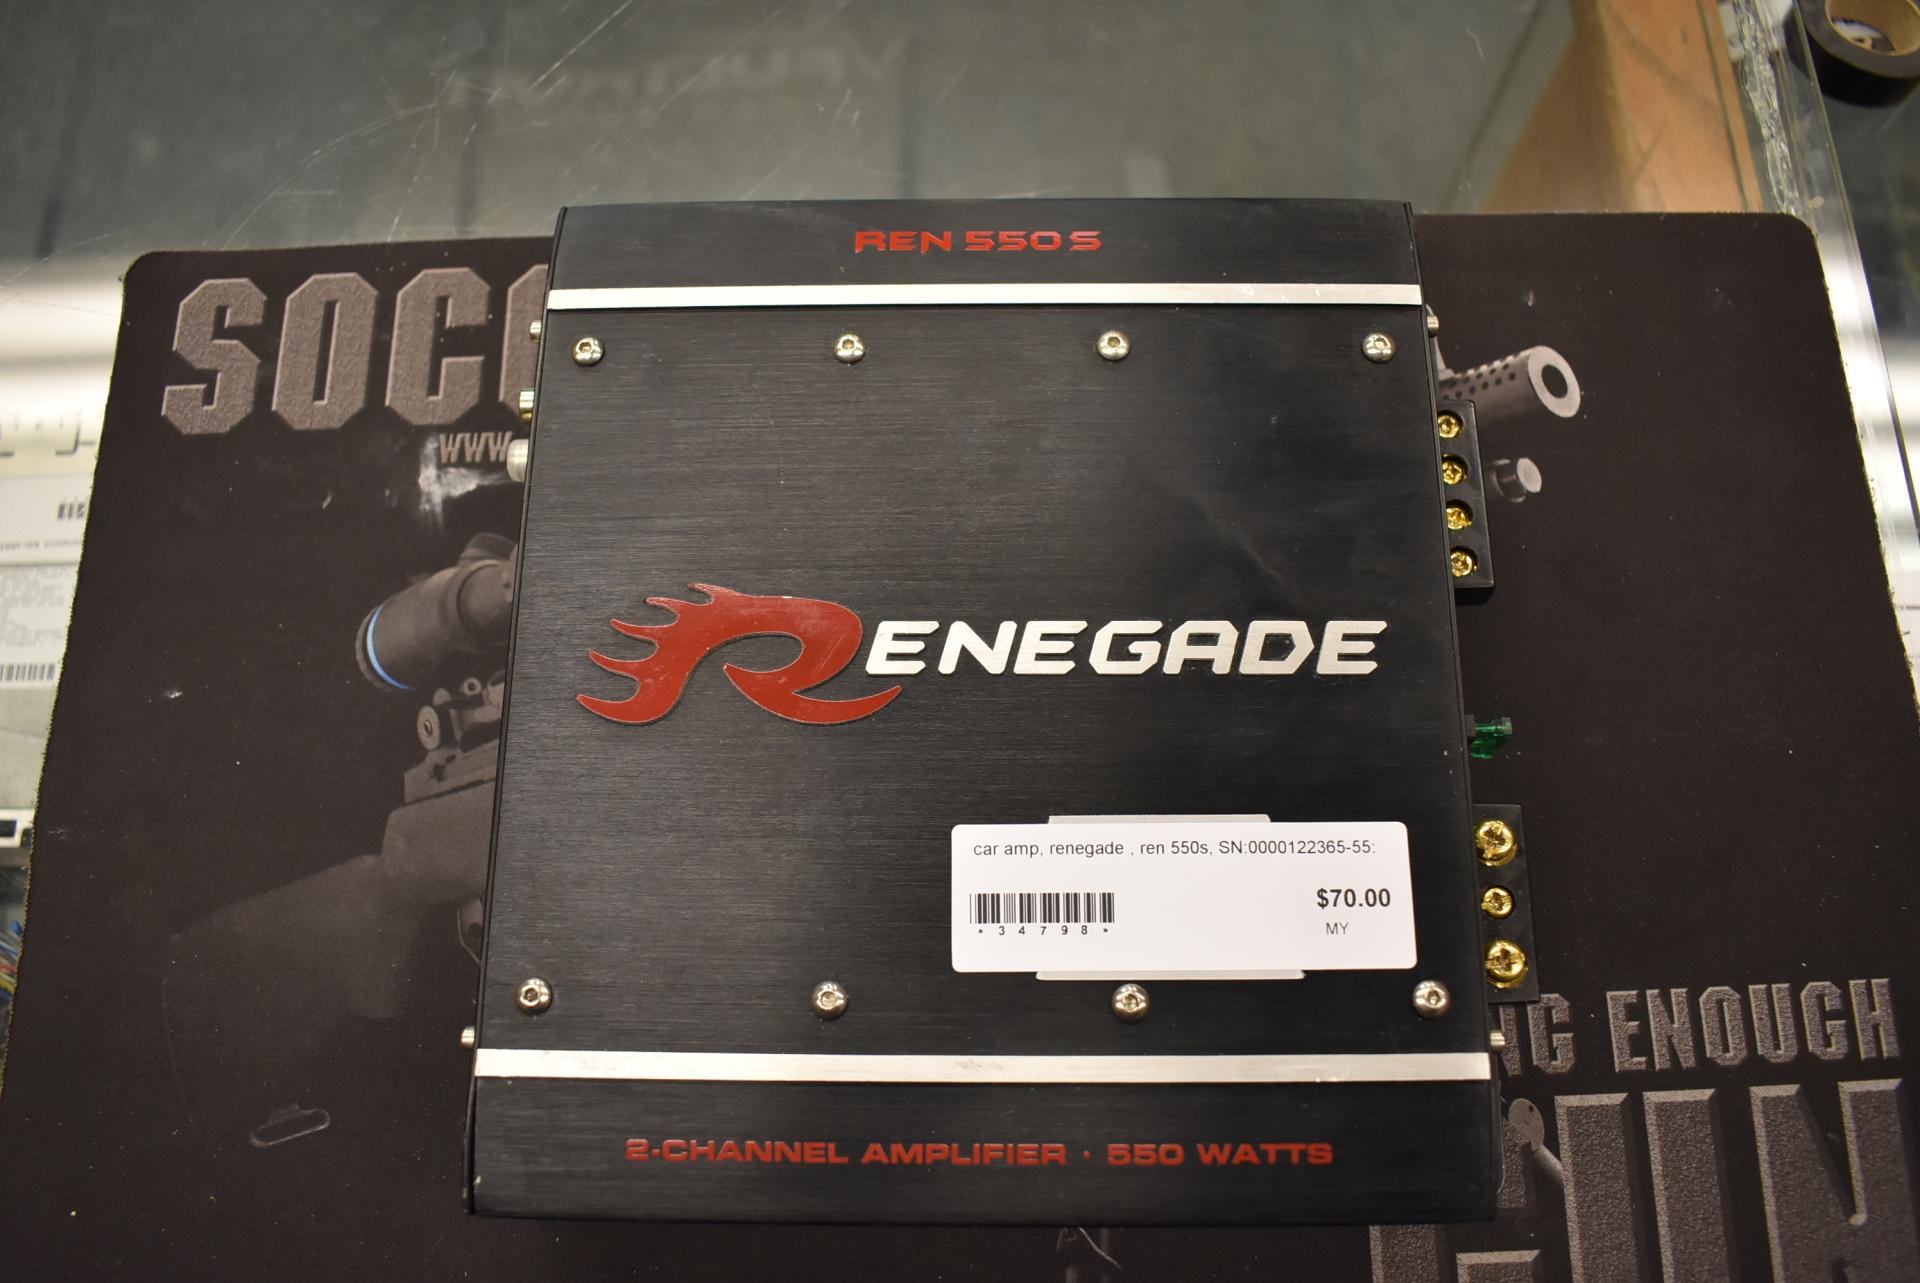 Renegade Ren 550s